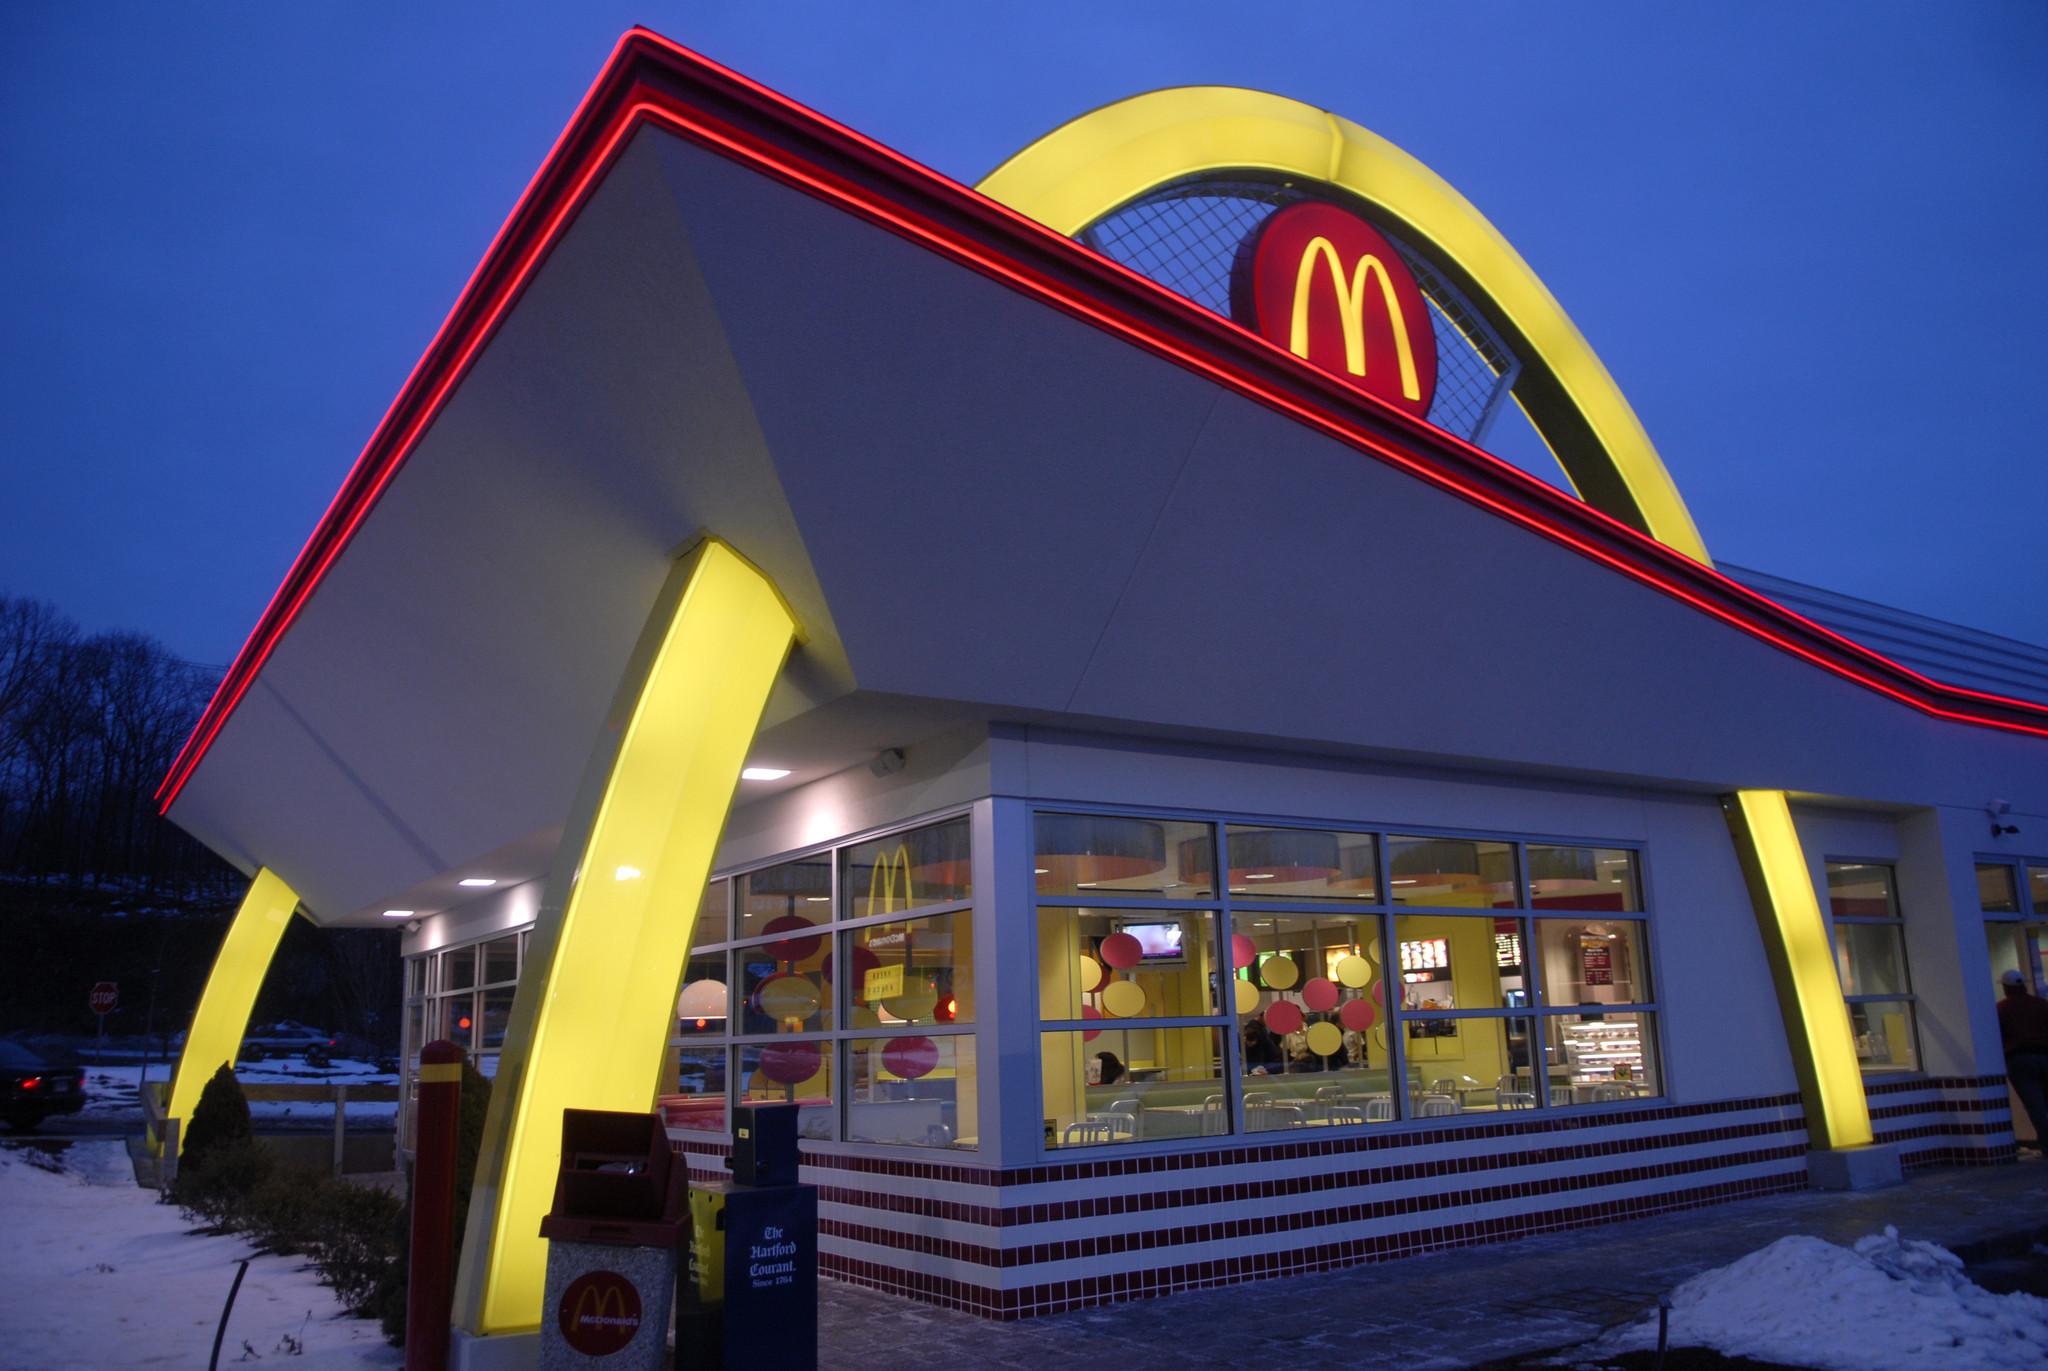 mcdonalds articles photos and videos baltimore sun